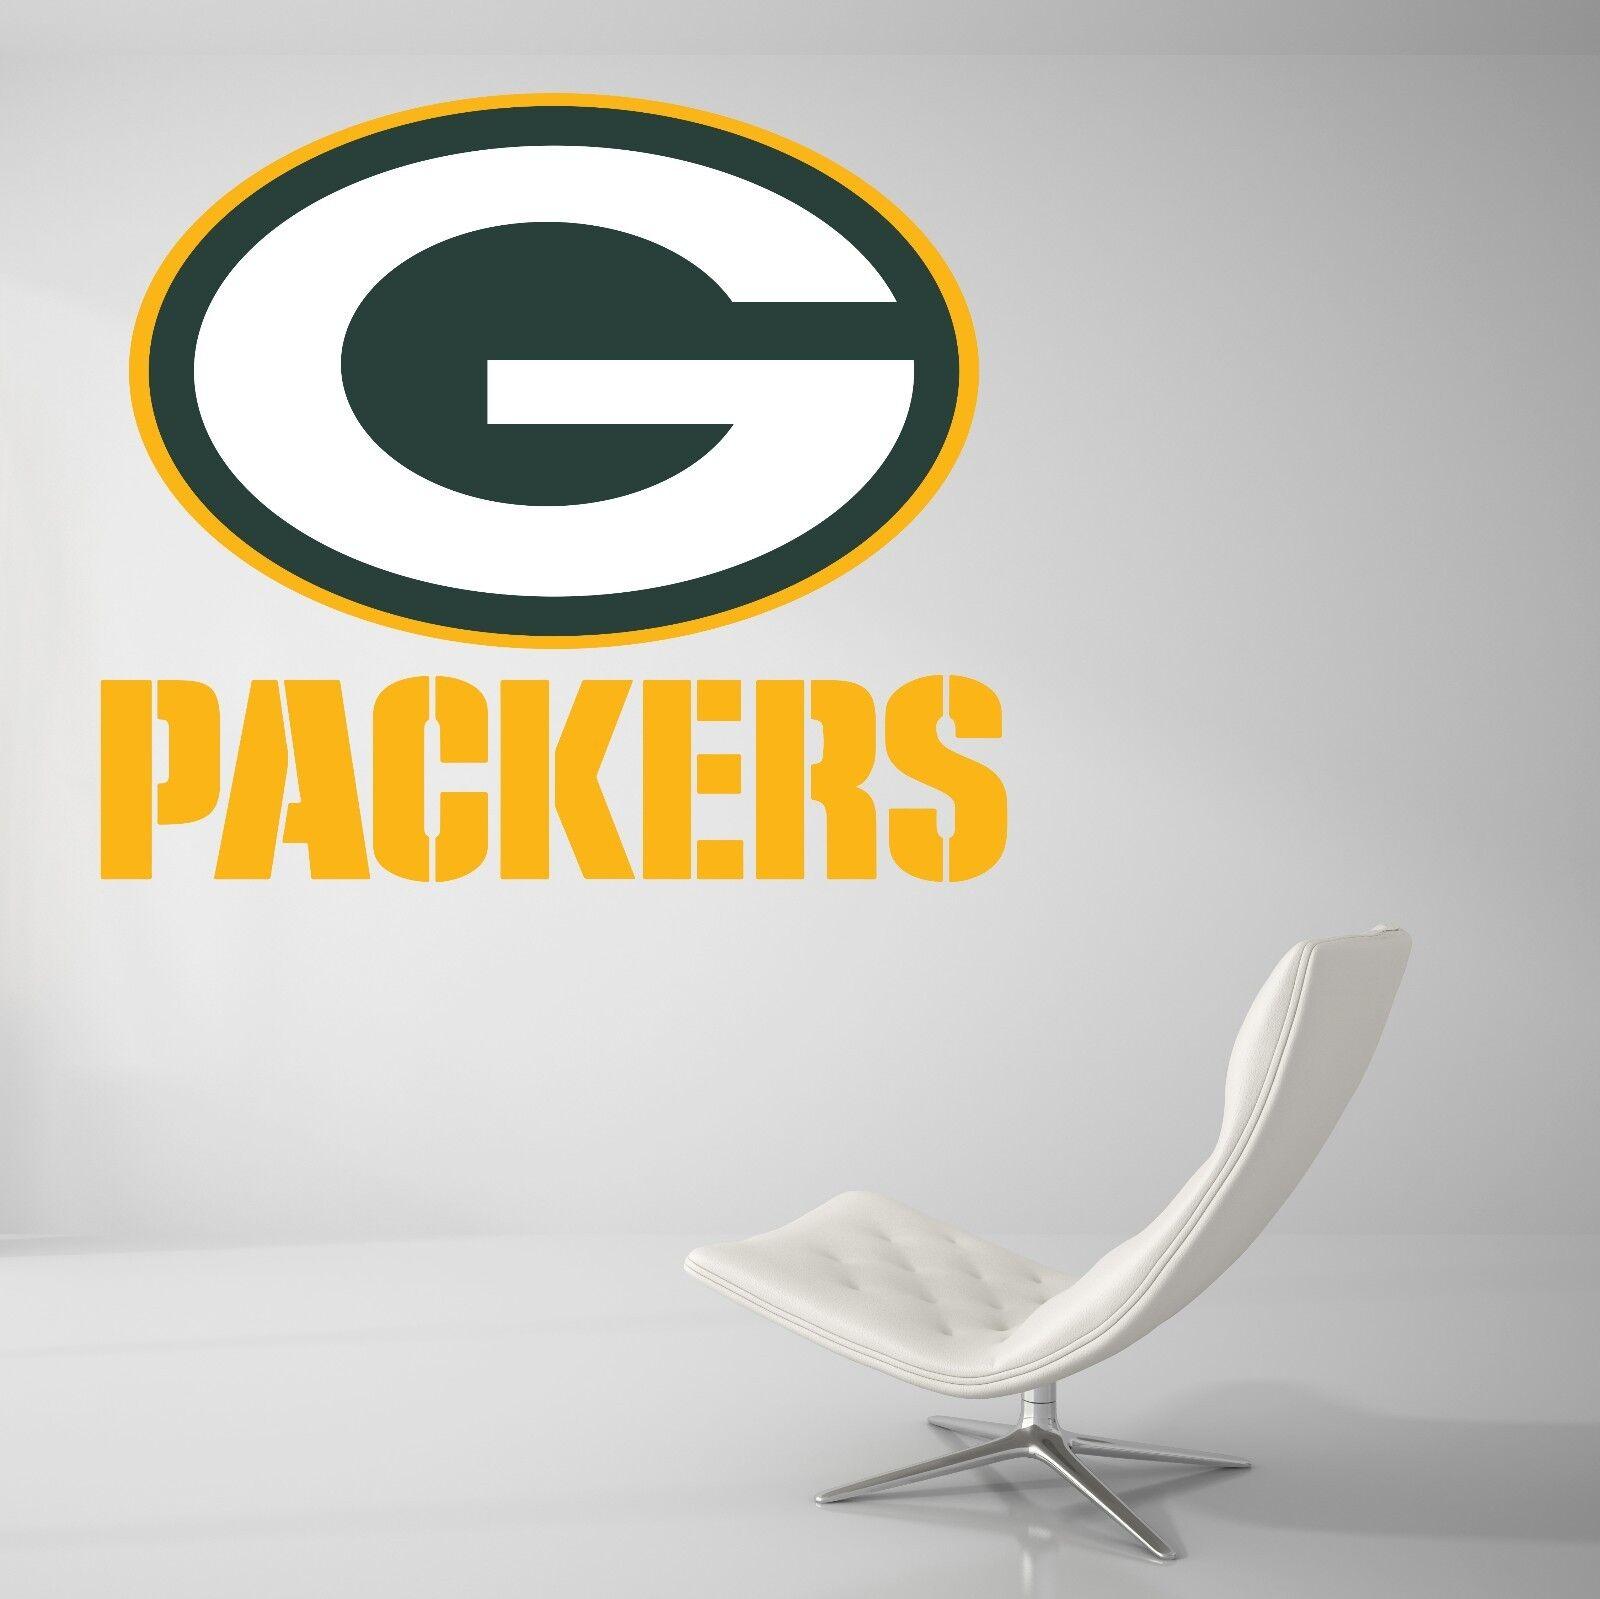 verdebay Packers Nfl Fútbol Sala De Decoración De Parojo Calcomanía Vinilo Arte Pegatina De Coche J42